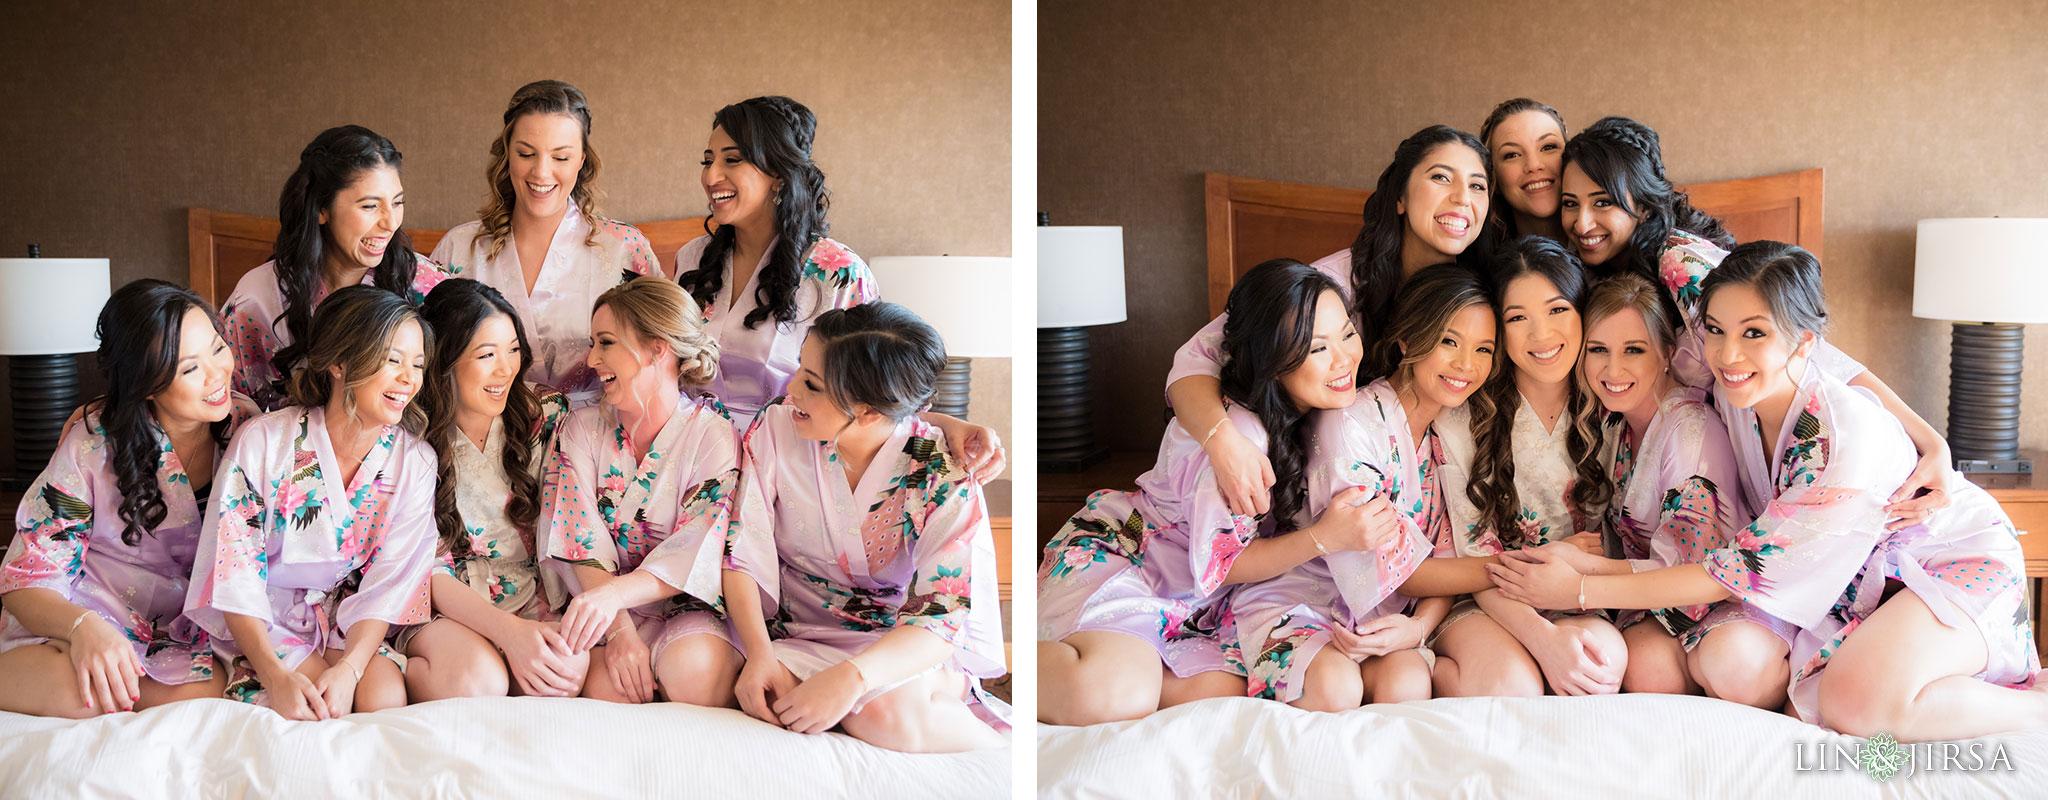 03 hilton costa mesa bridesmaids wedding photography